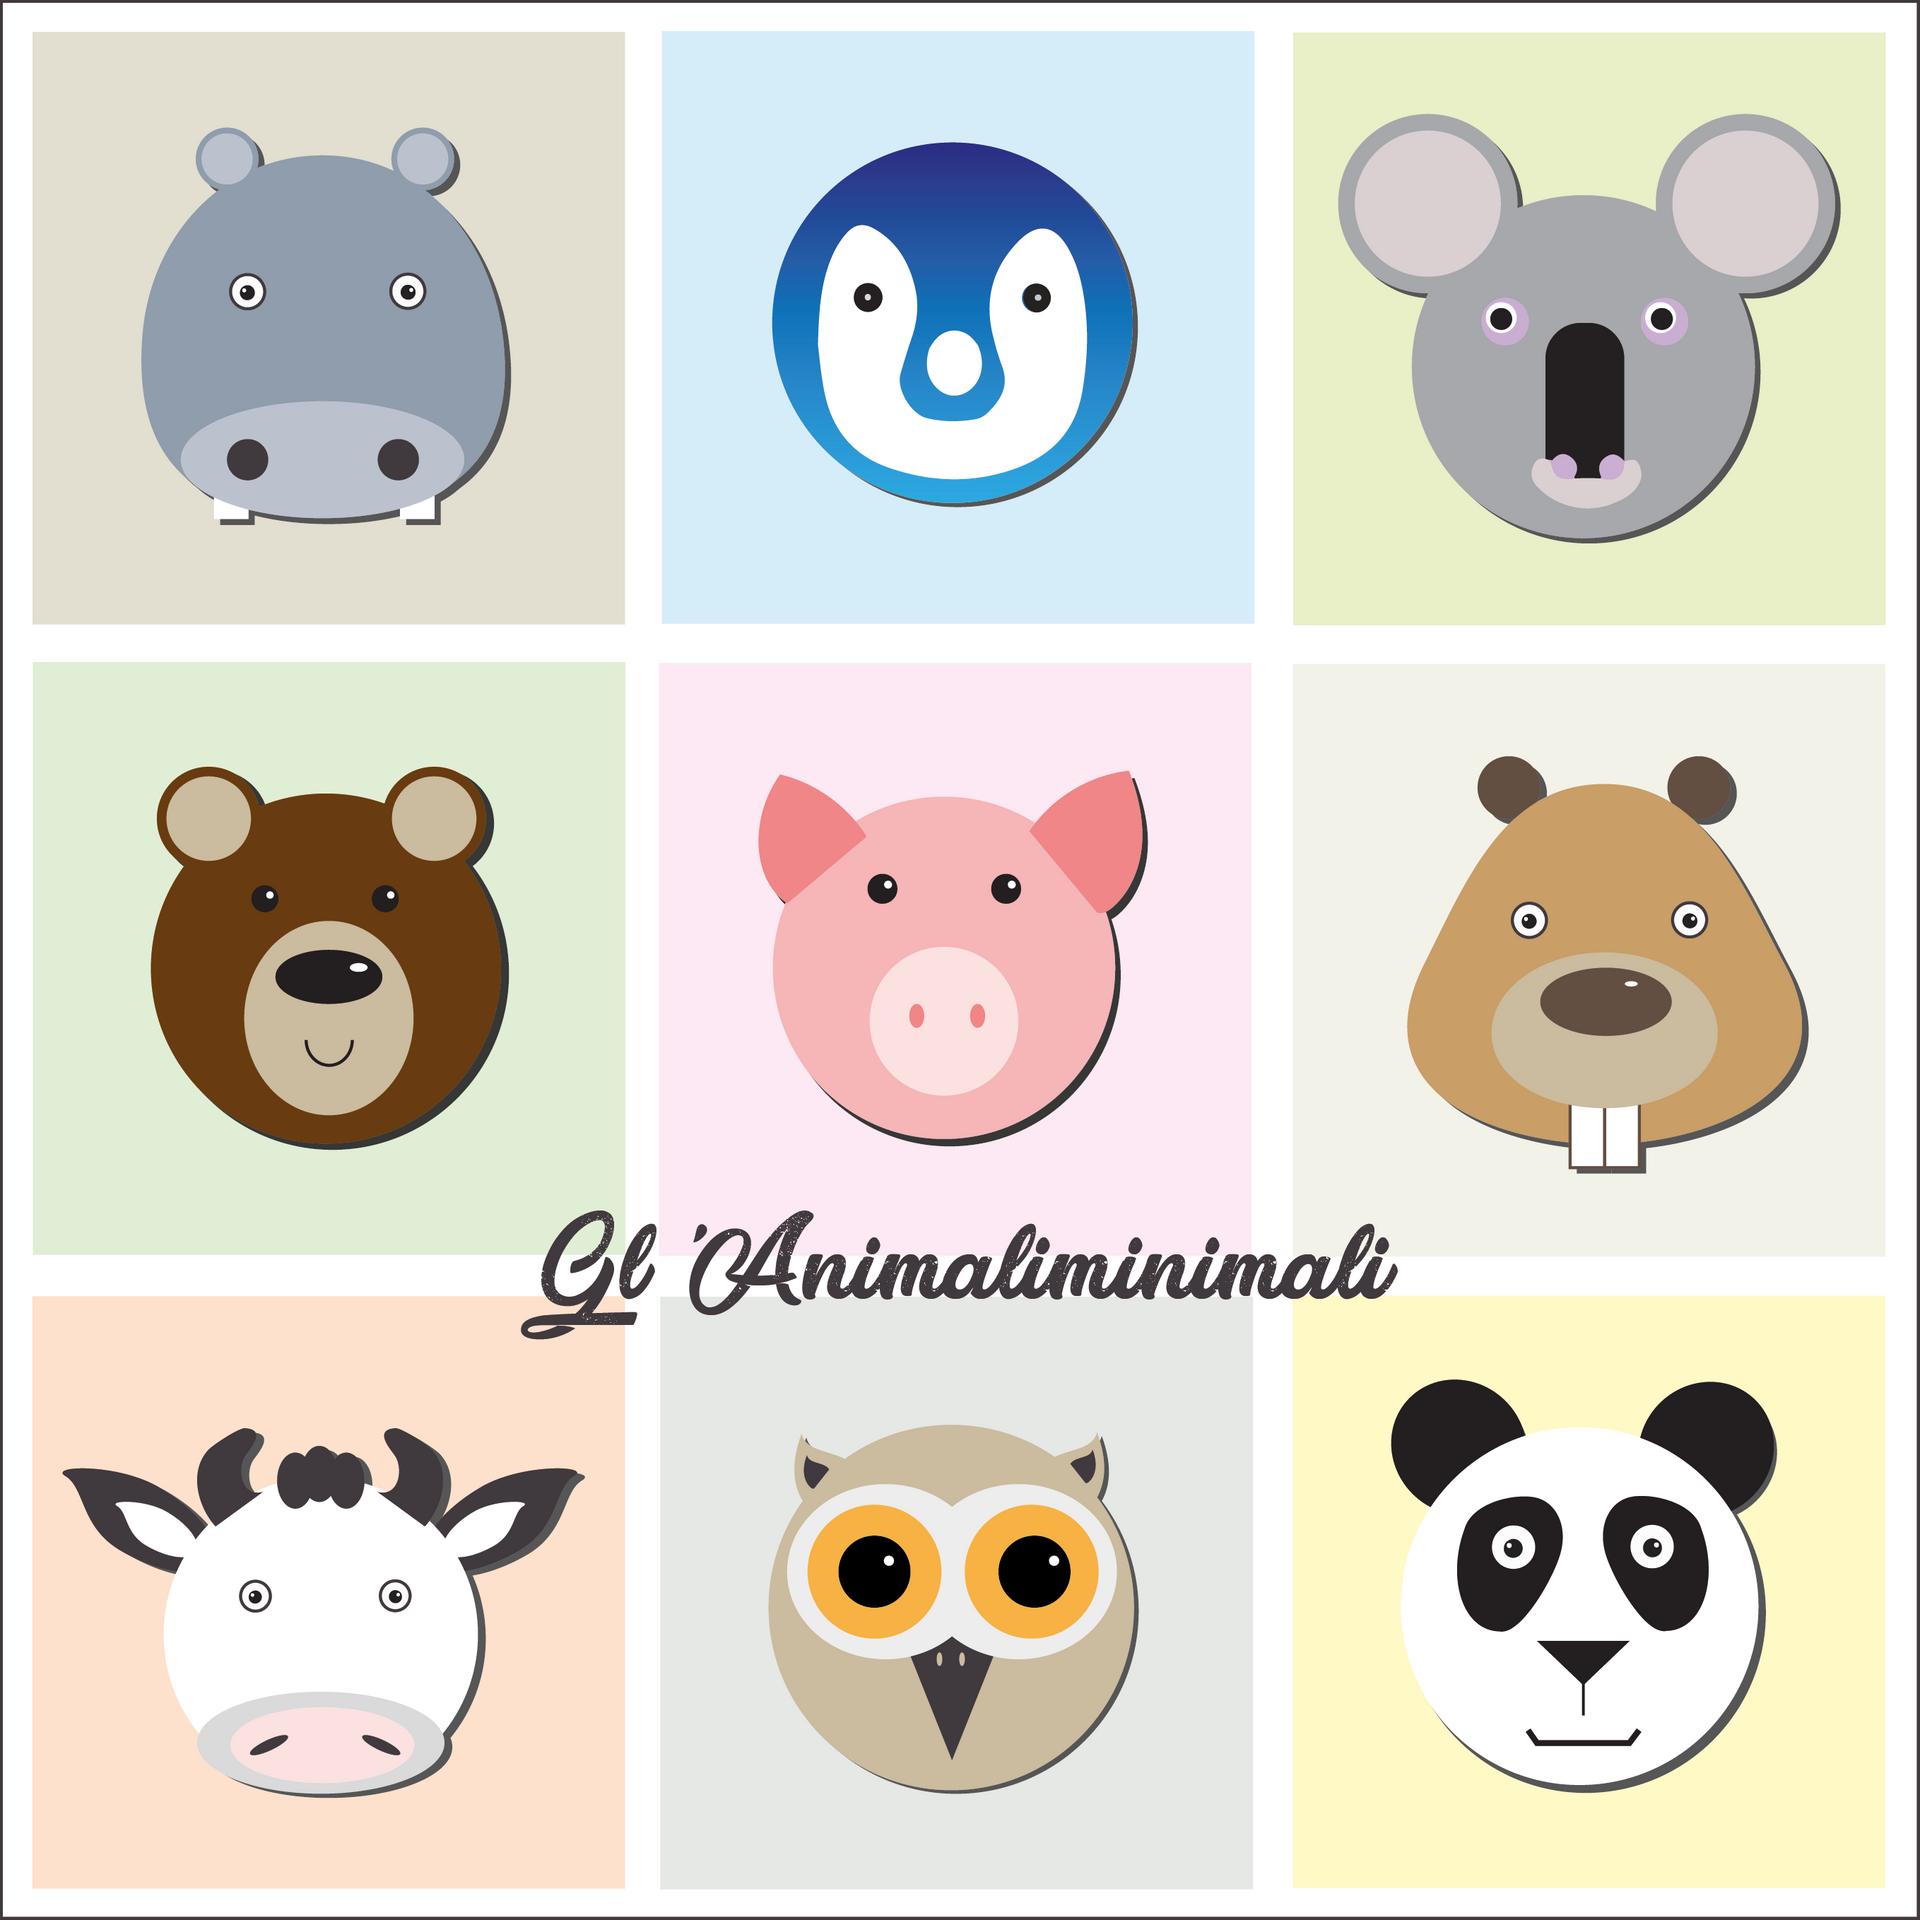 Gl'Animali Minimali